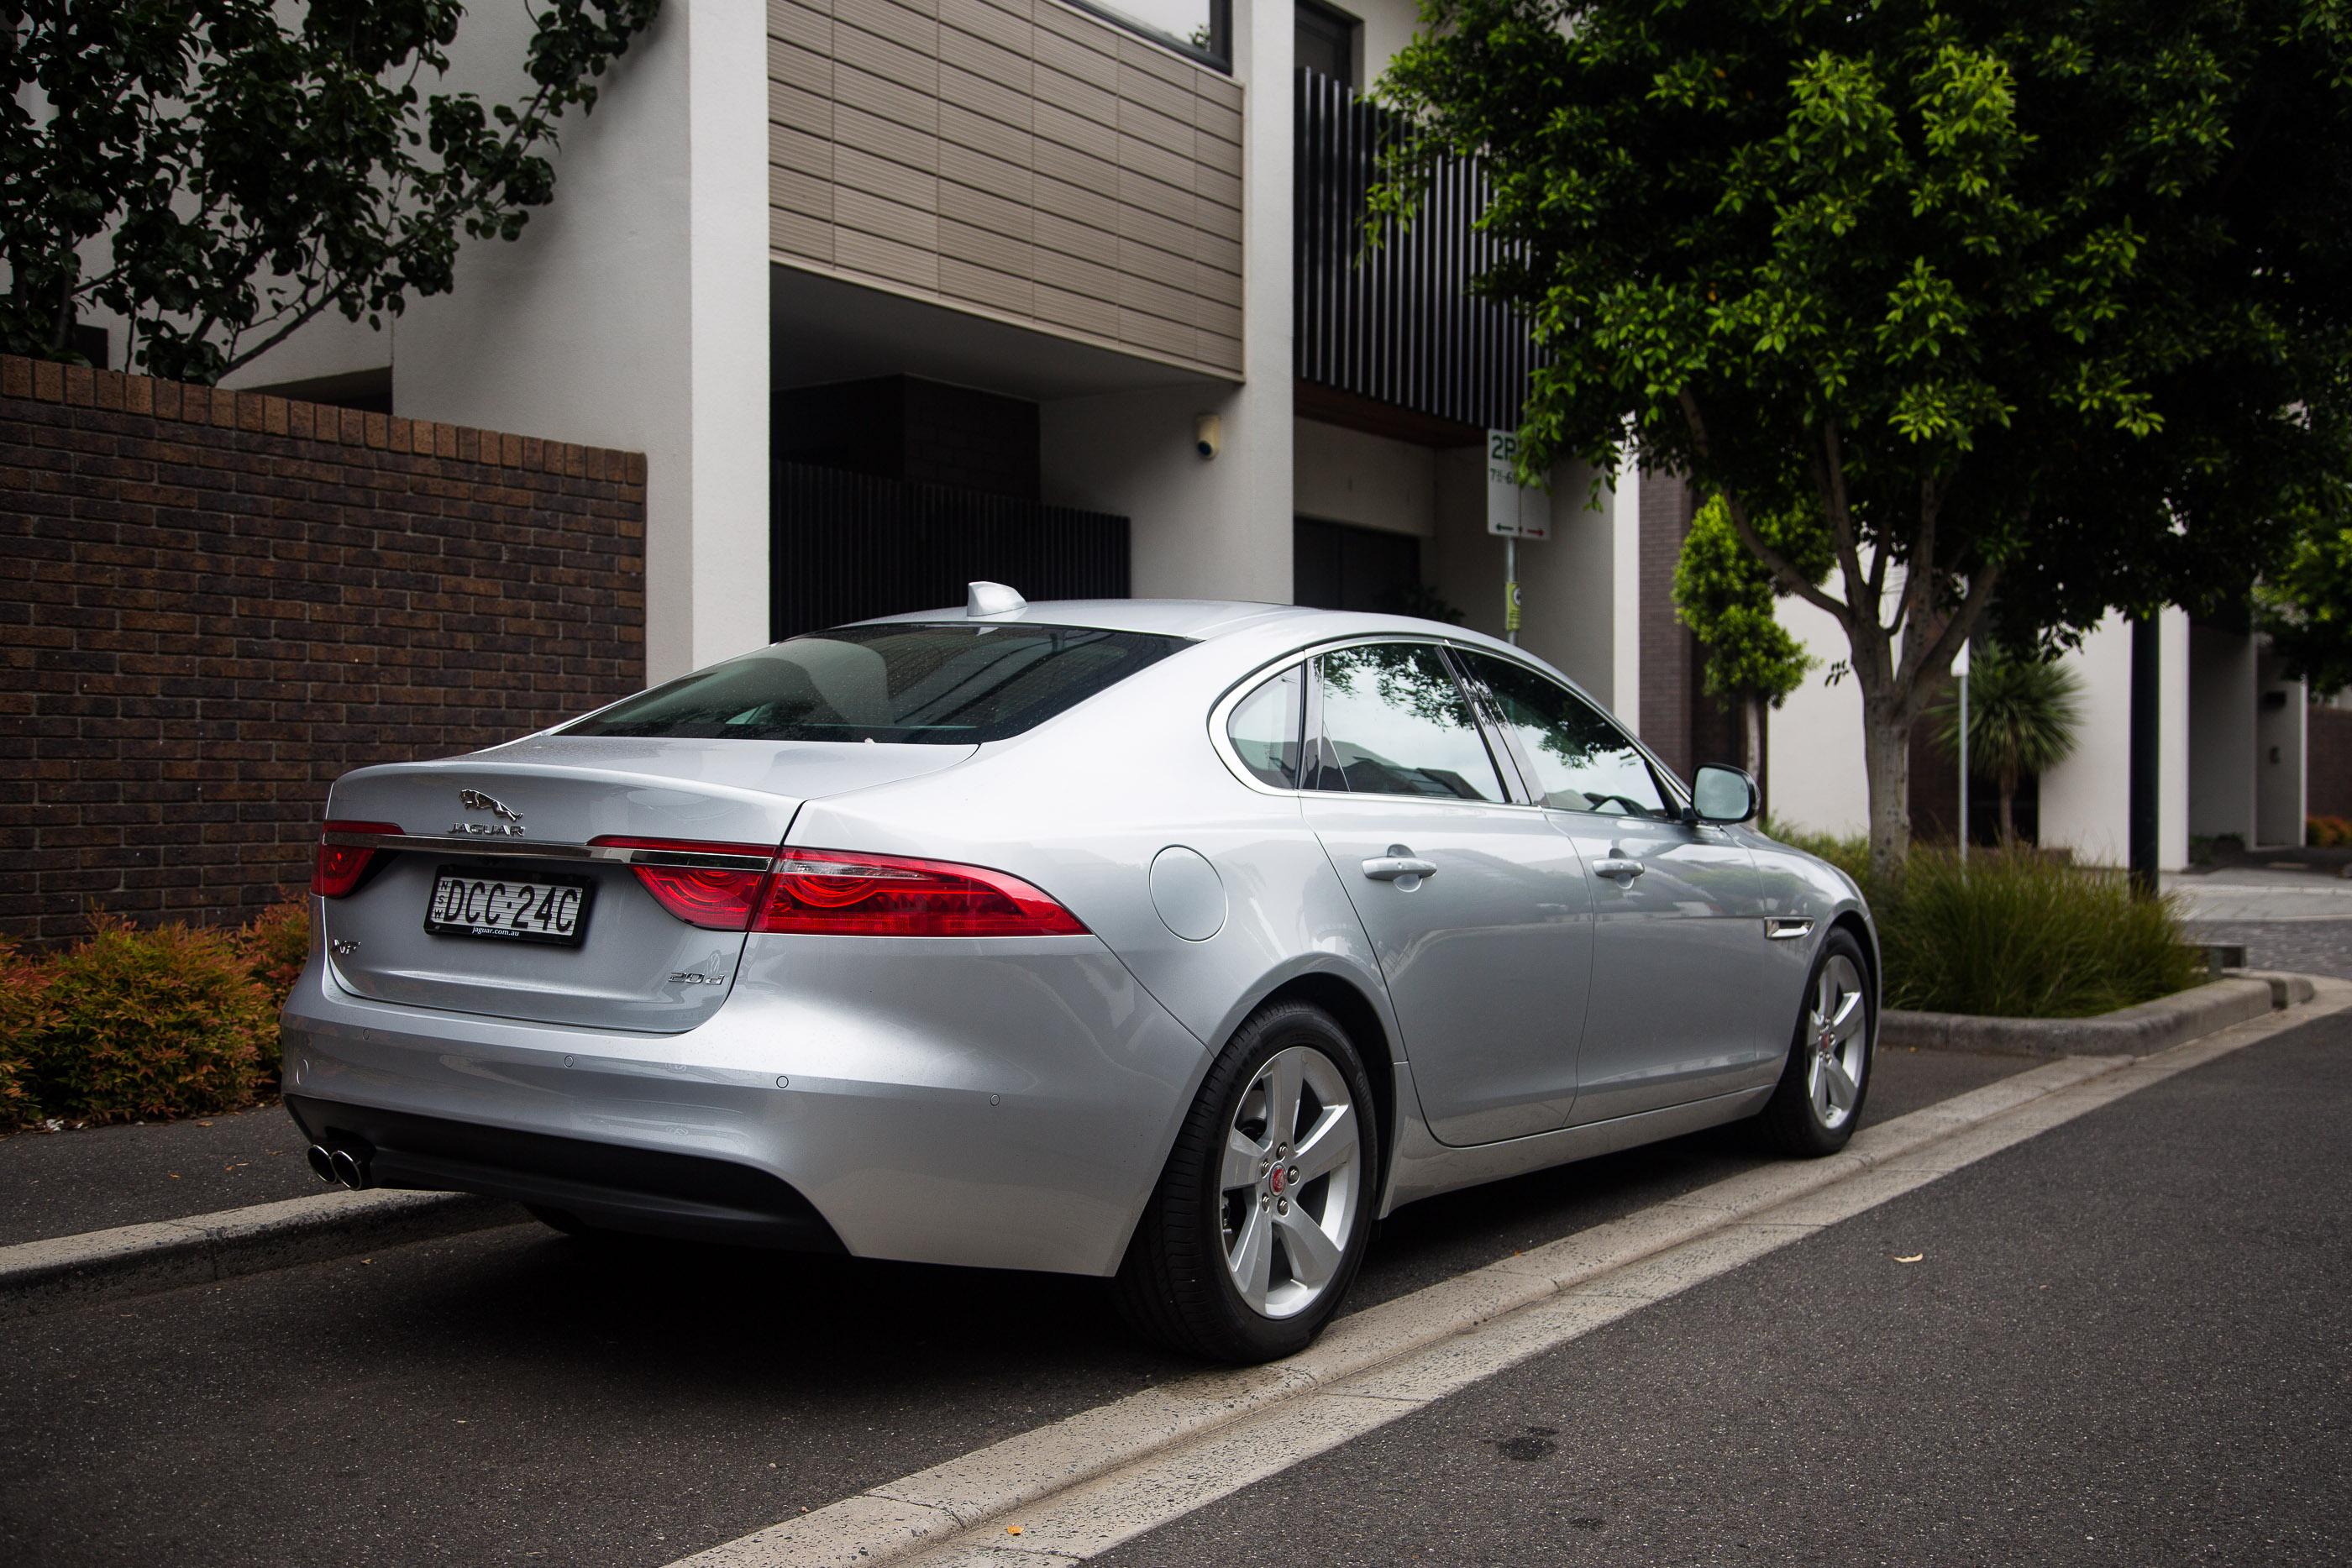 2016 Jaguar Xf 20d Prestige Review Photos Caradvice